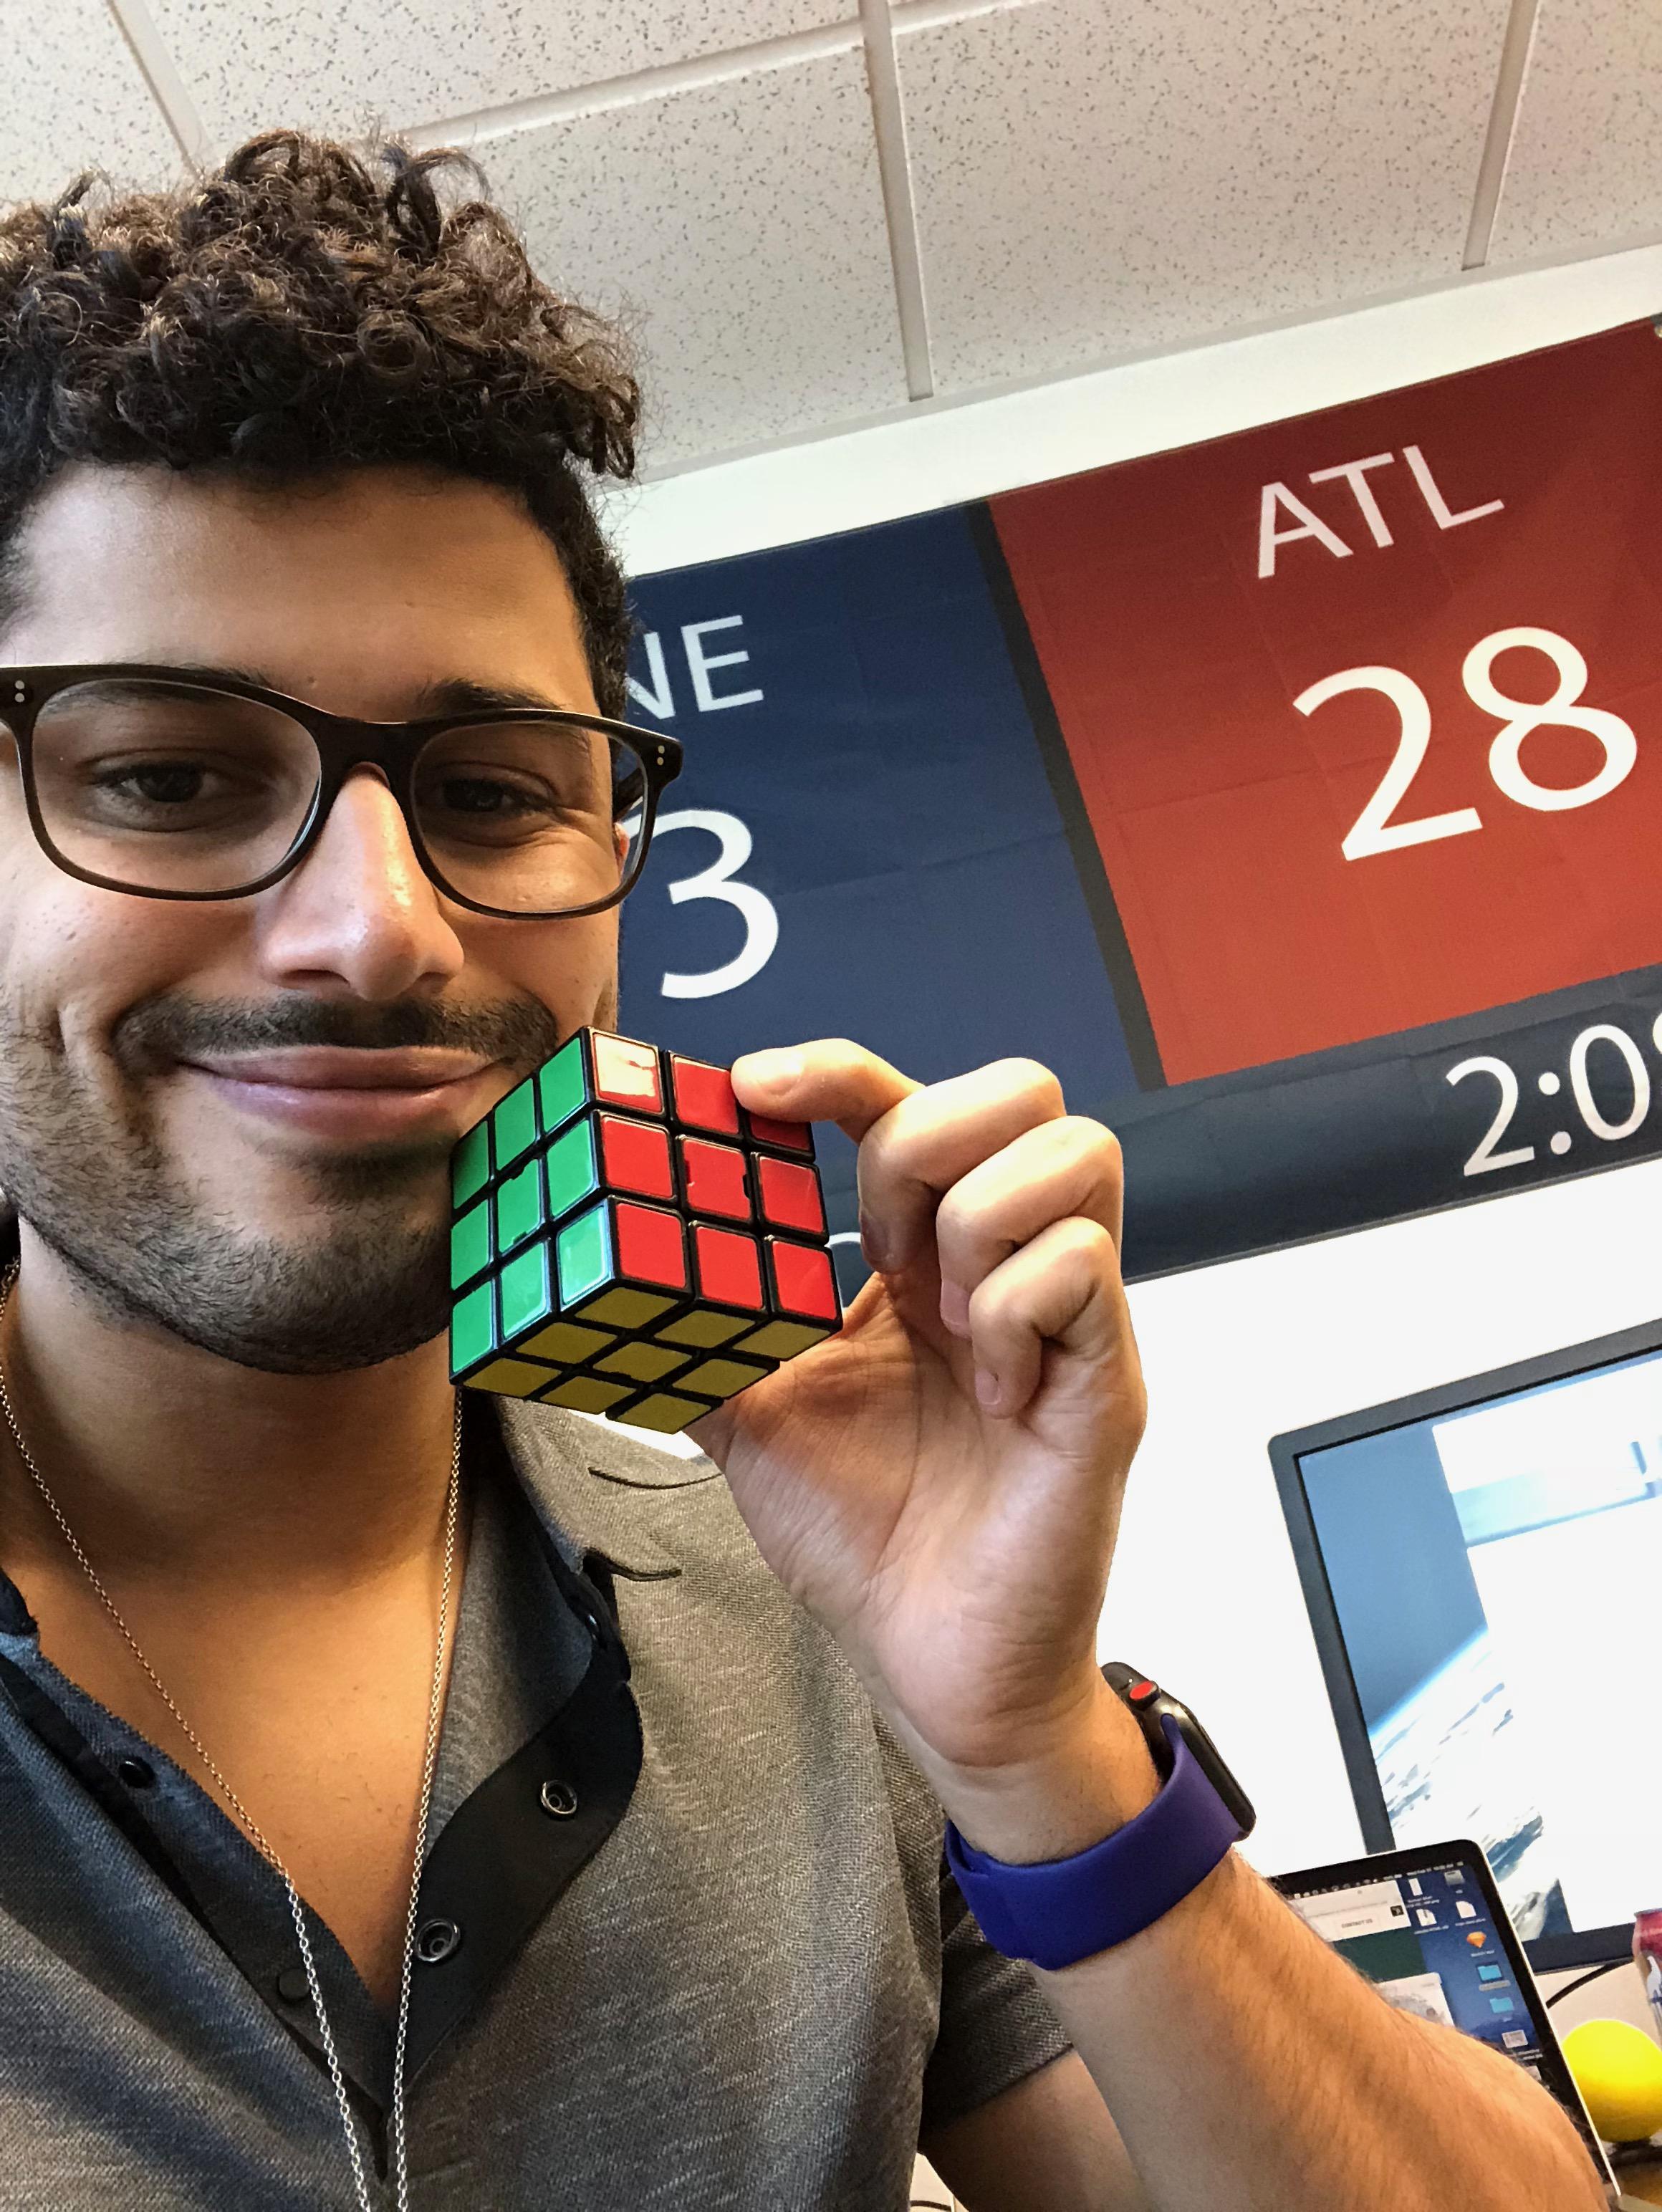 Abdul Dremali head of innovation at AndPlus